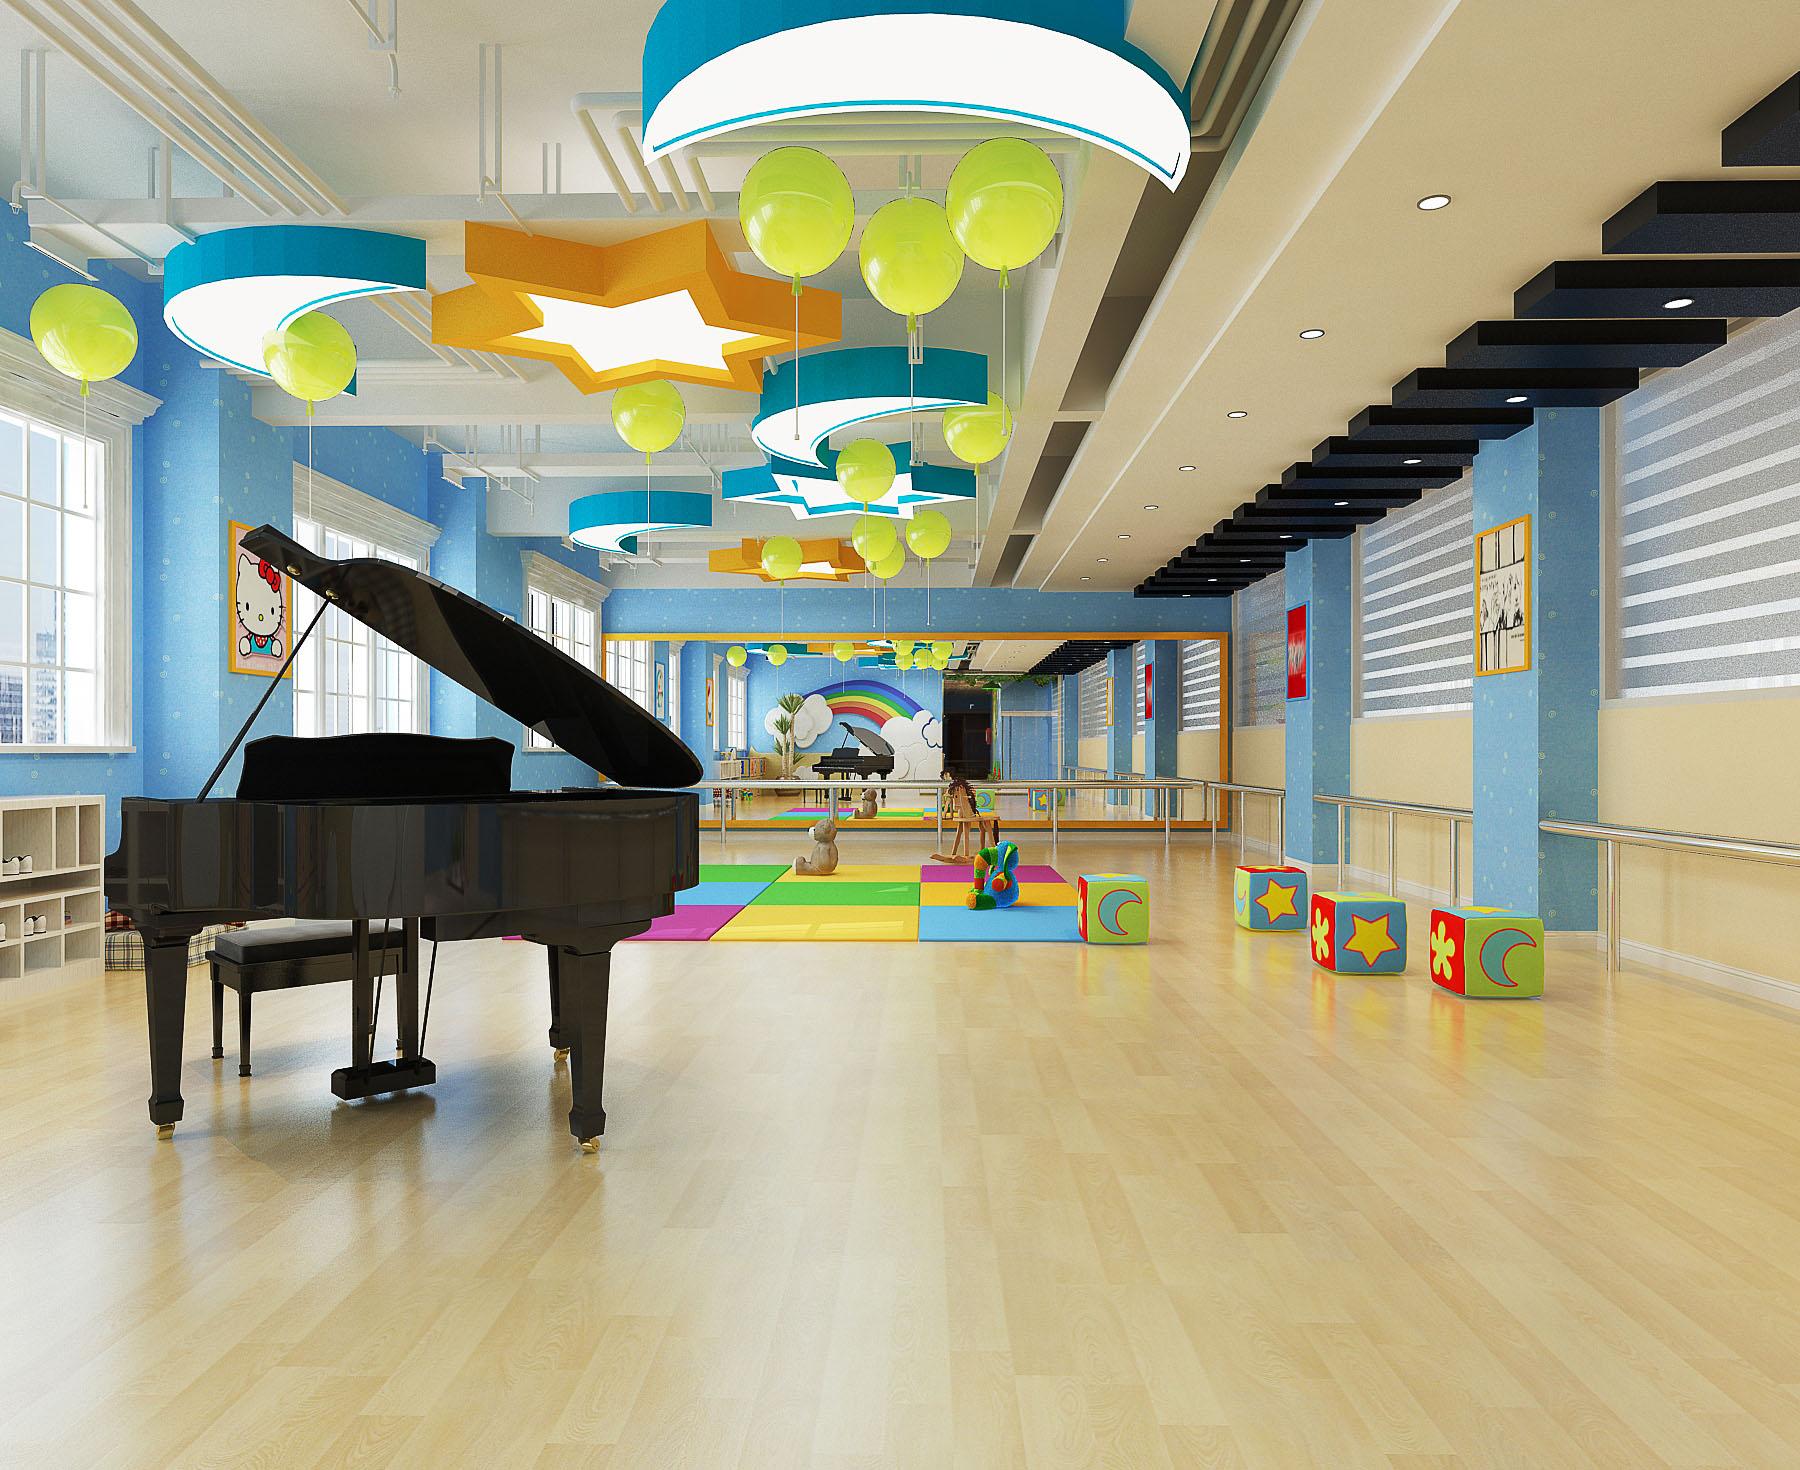 3,舞蹈培训班装修要求教室标准化专业化,一个专业的少儿培训教室对